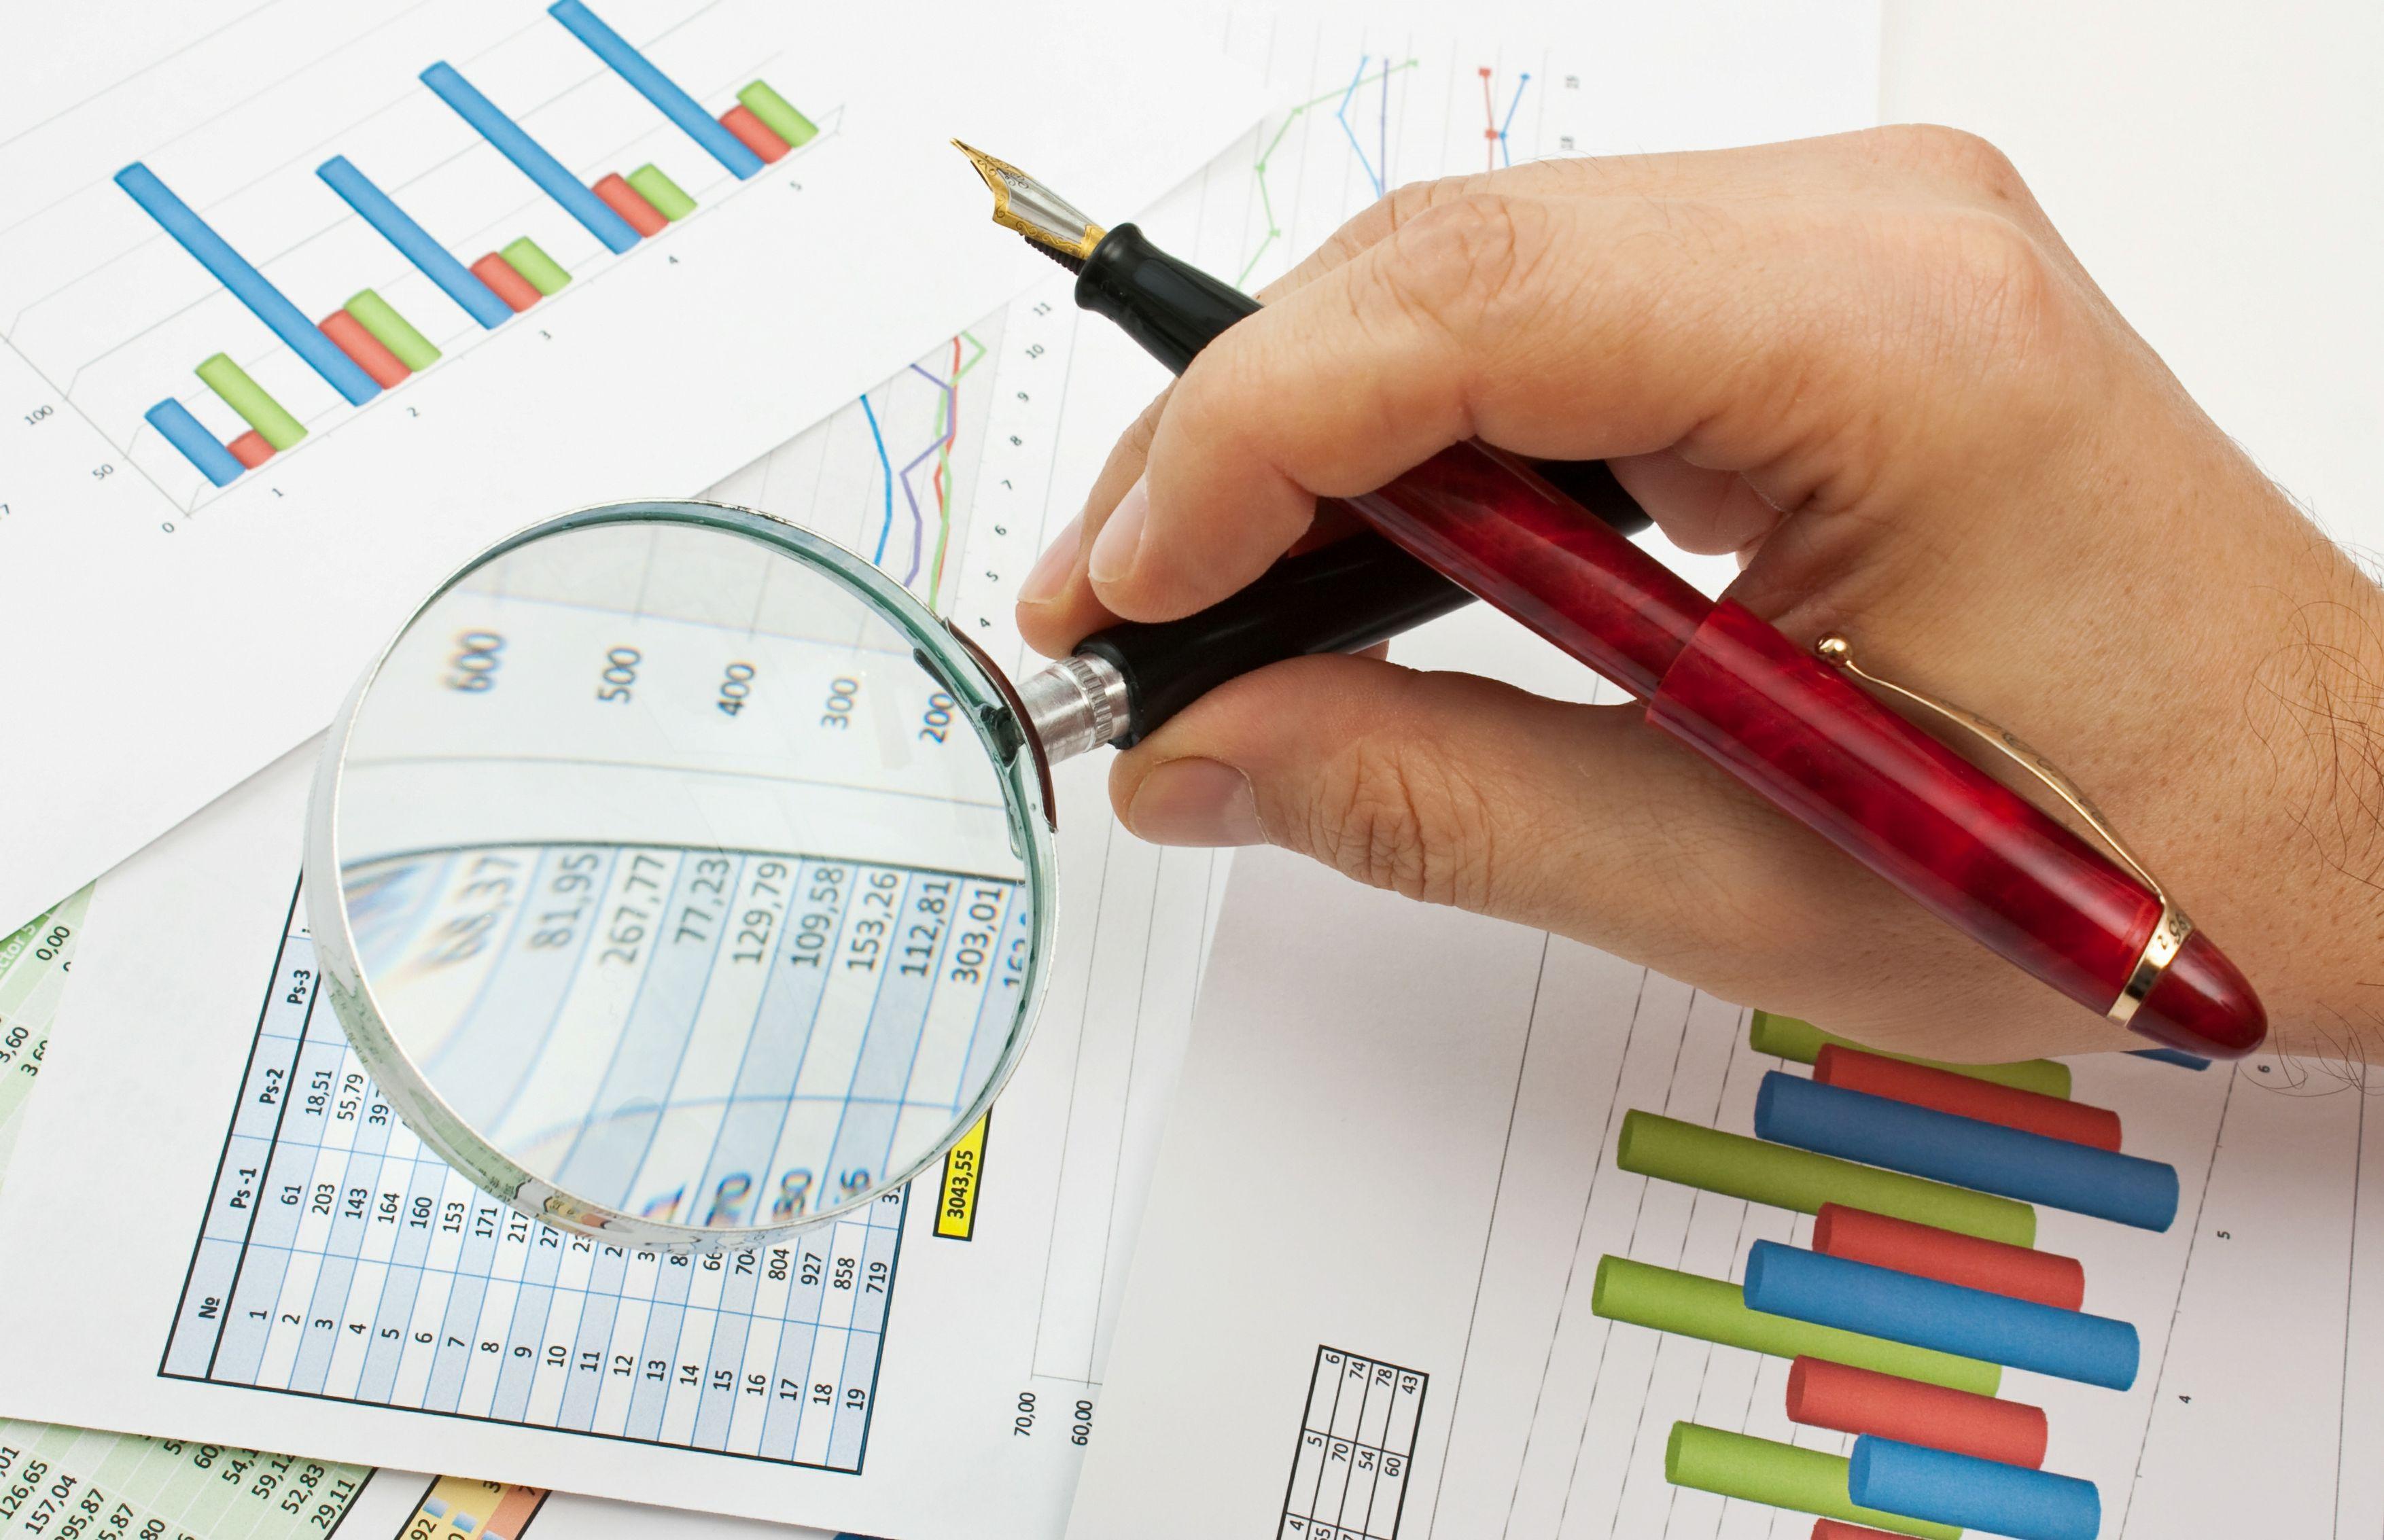 格隆汇港股聚焦(7.11)︱上半年安踏品牌零售额增长10%至20% 招商局置地上半年销售额升9%至158.3亿元